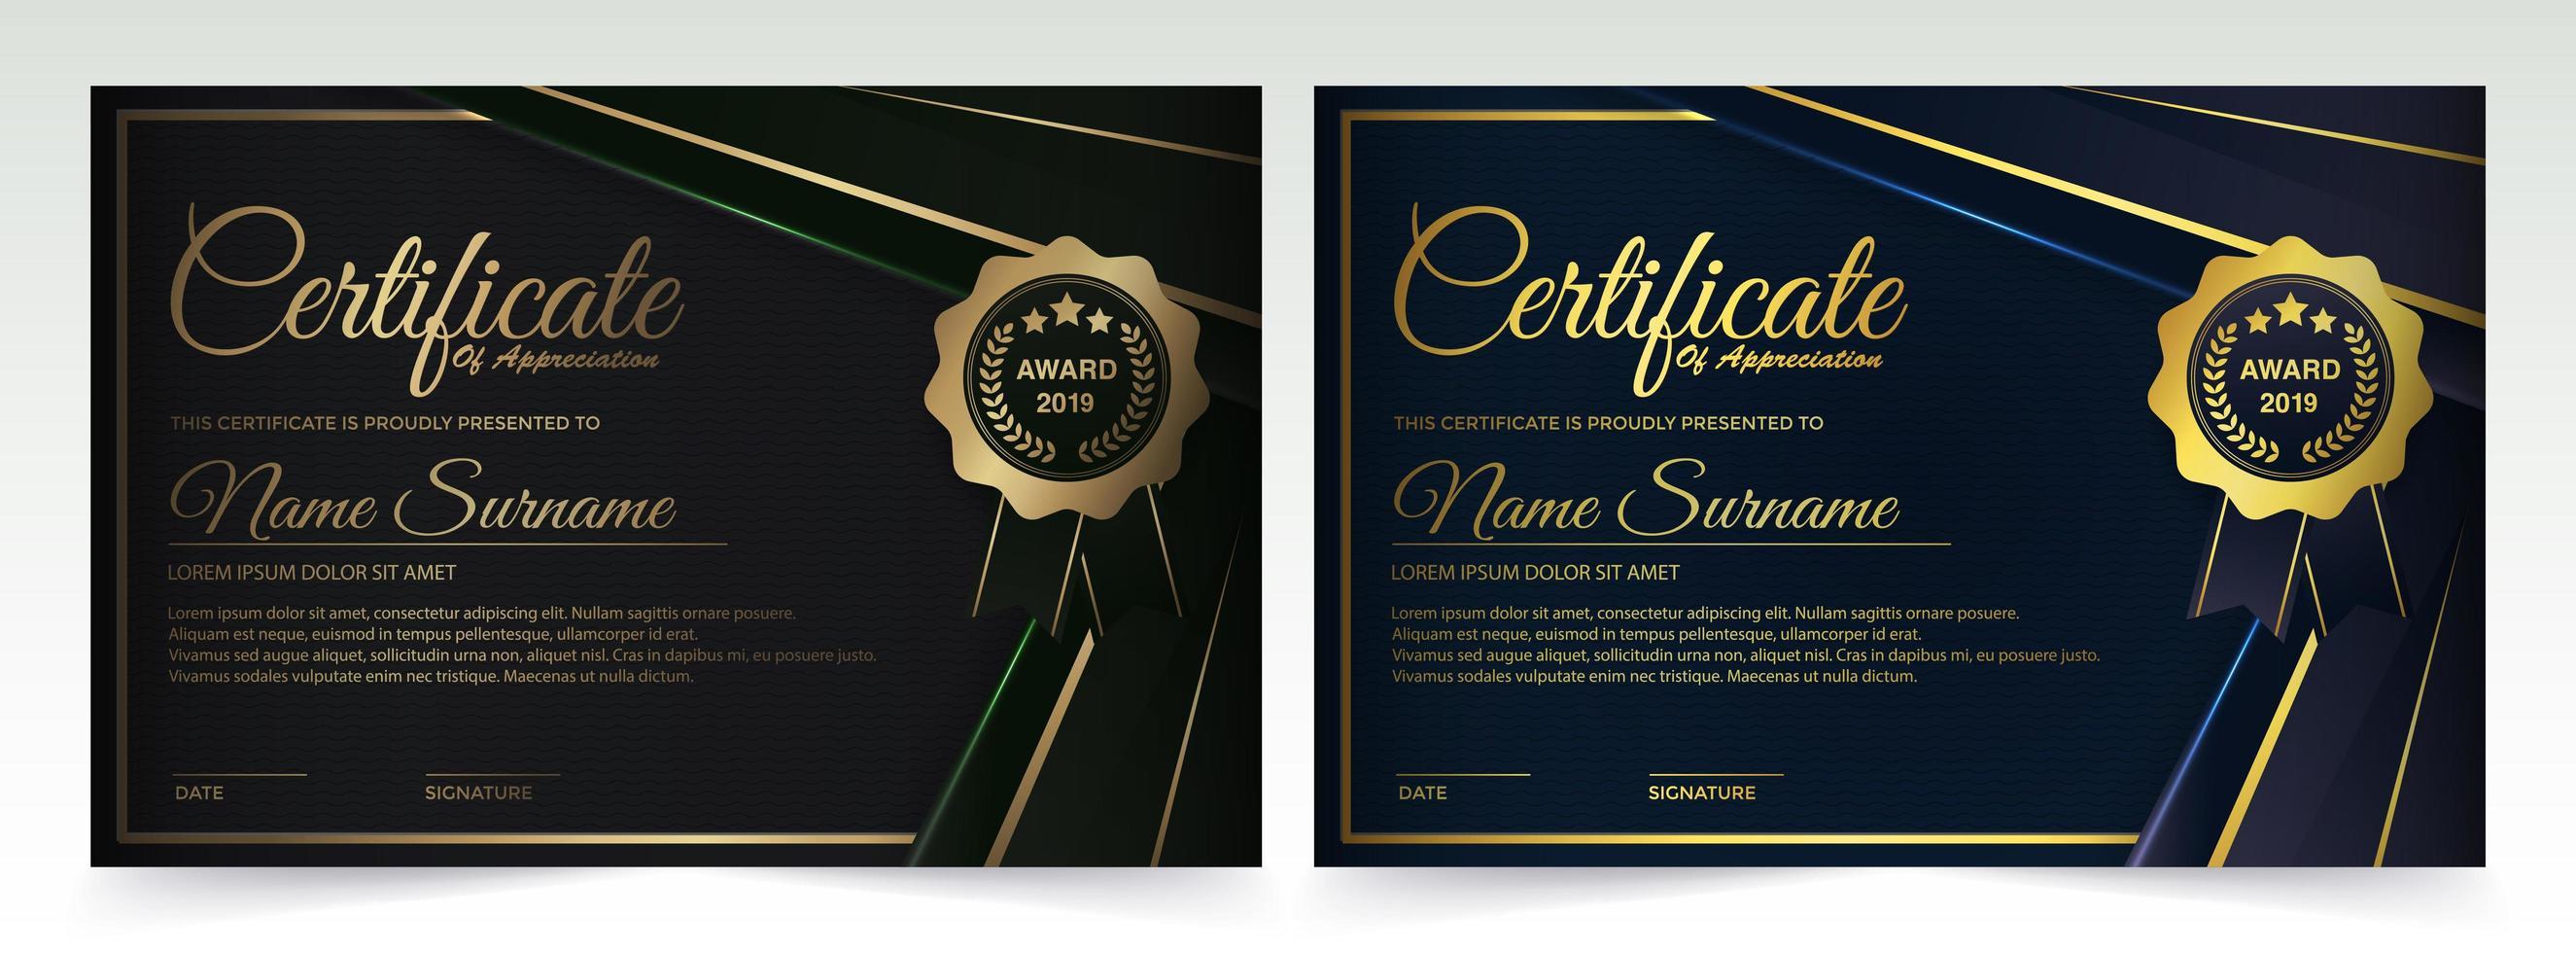 donkergroen en blauw certificaatsjabloonontwerp vector